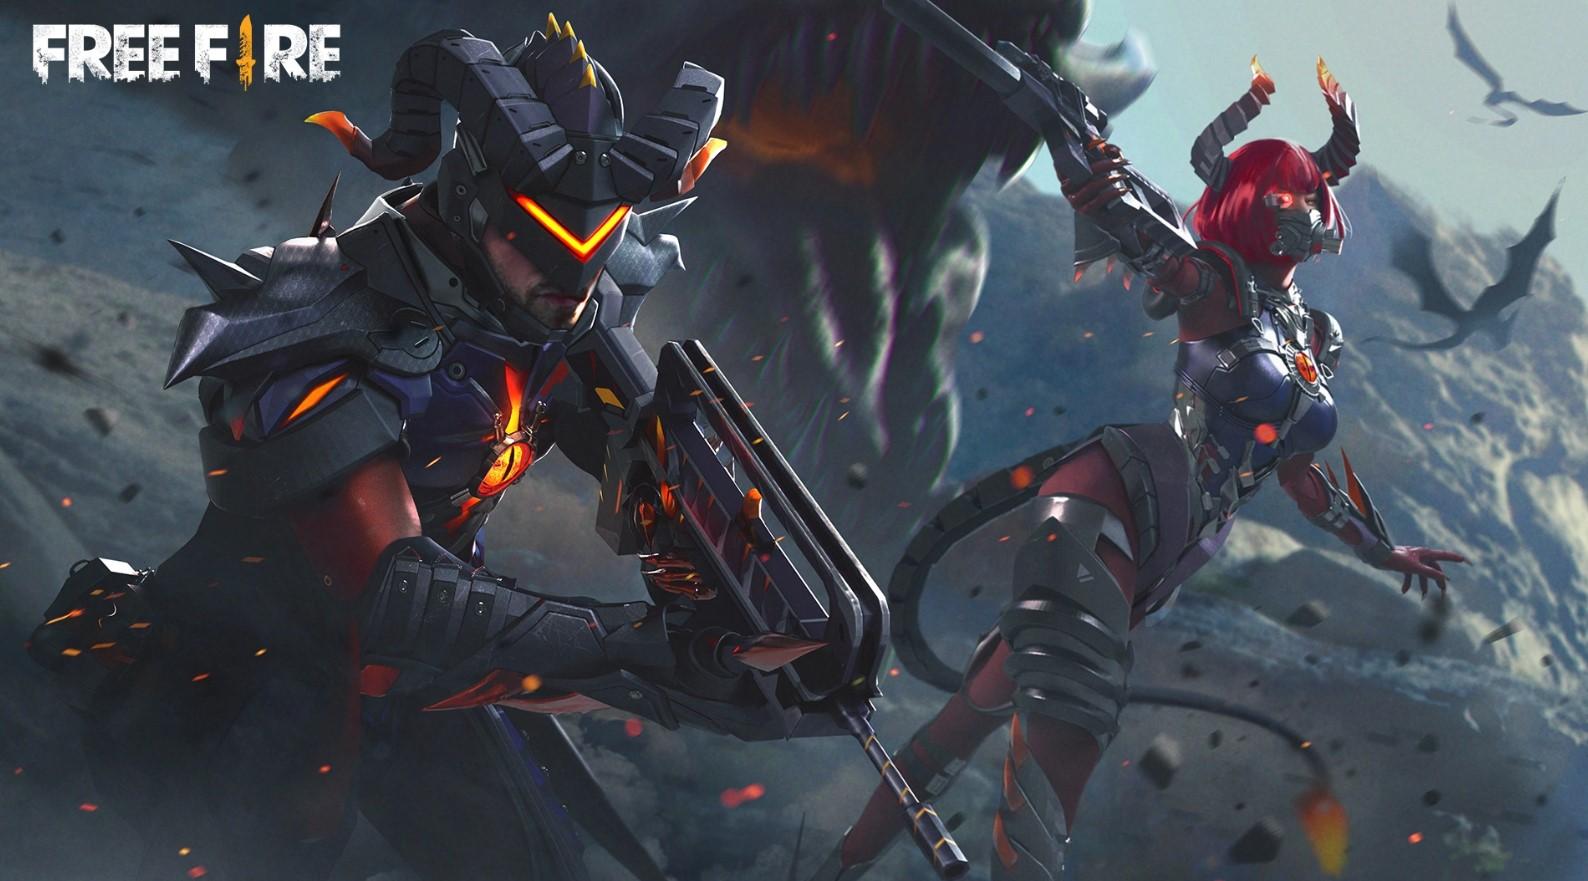 Garena anunció Reyes Free Fire: cómo participar del nuevo torneo del battle royale más jugado en móbiles